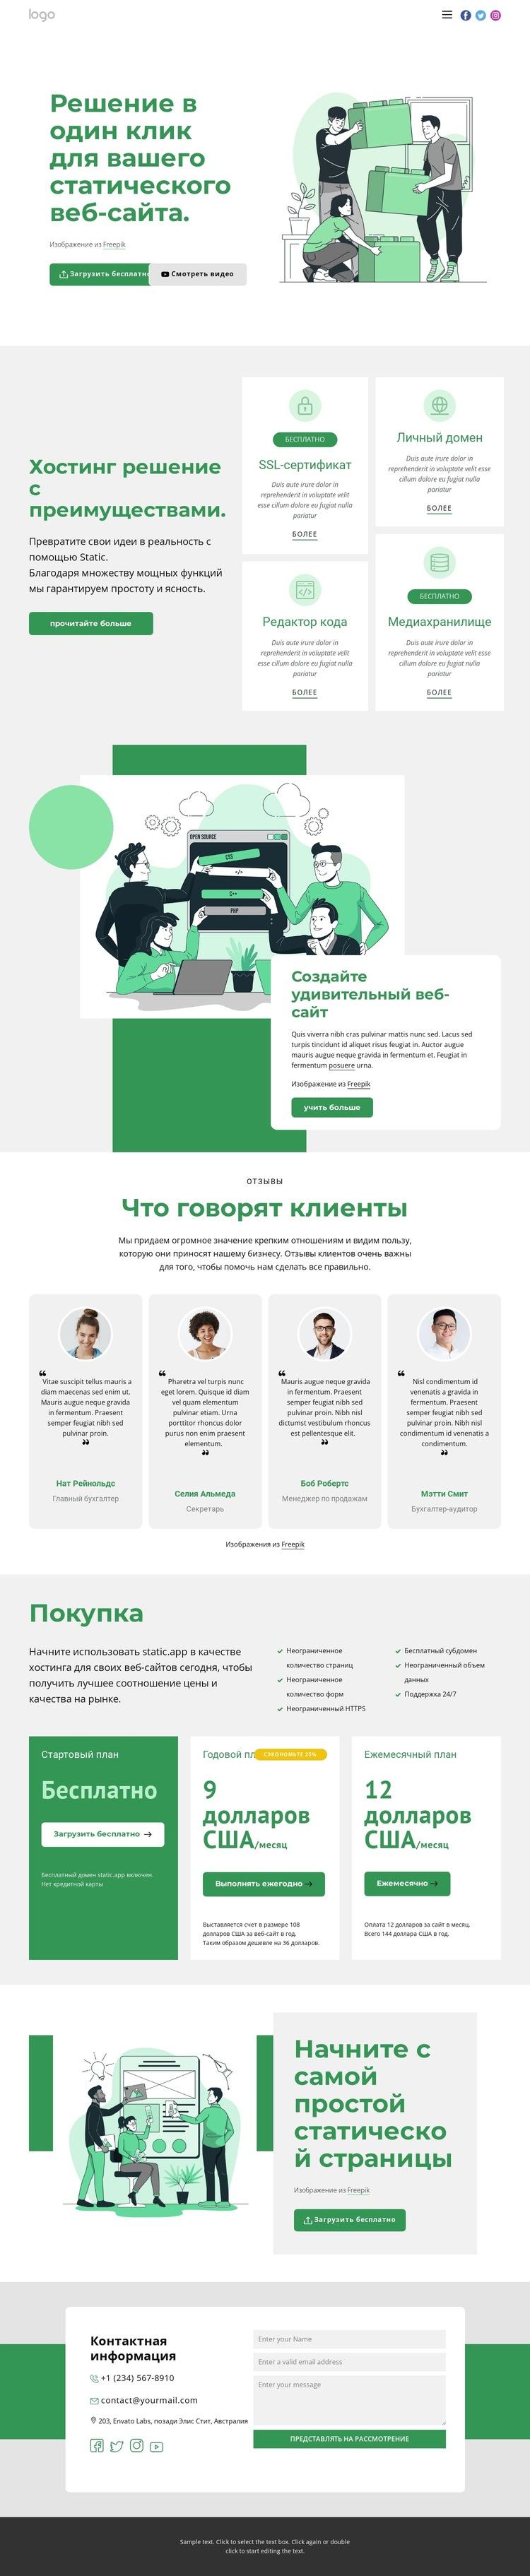 Девелоперская компания Шаблон веб-сайта